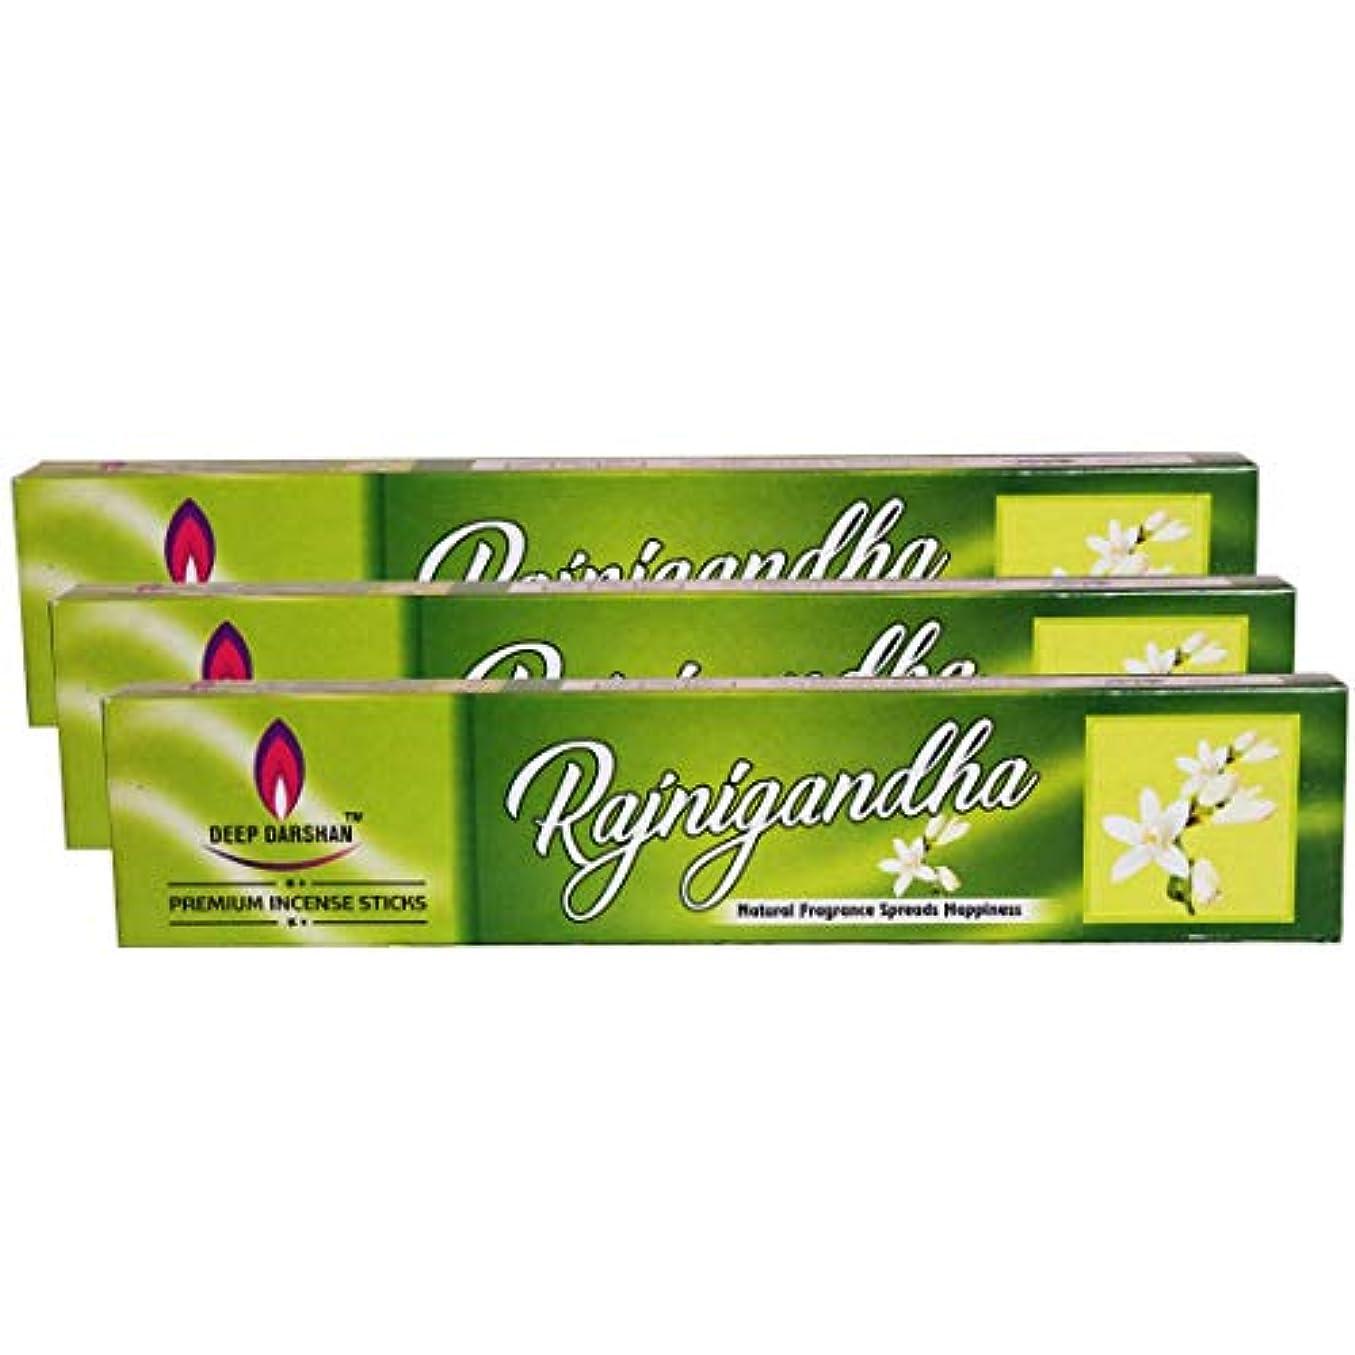 マングル軽蔑非常にDEEP DARSHAN Rajnigandha Premium Agarbatti